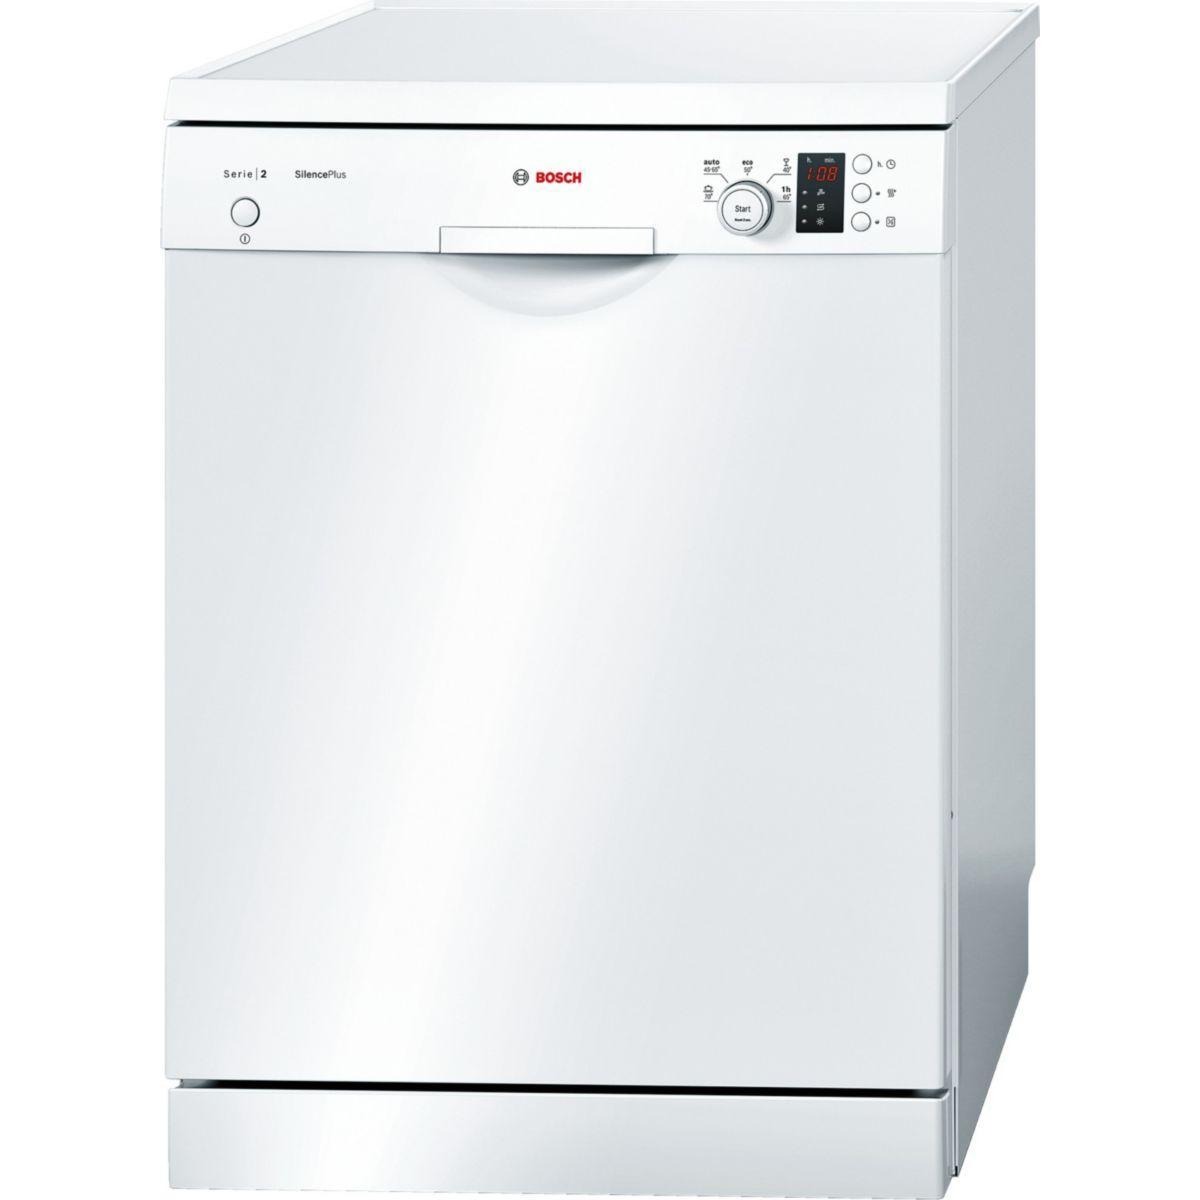 Lave vaisselle 60 cm bosch sms25aw04e - livraison offerte : co...